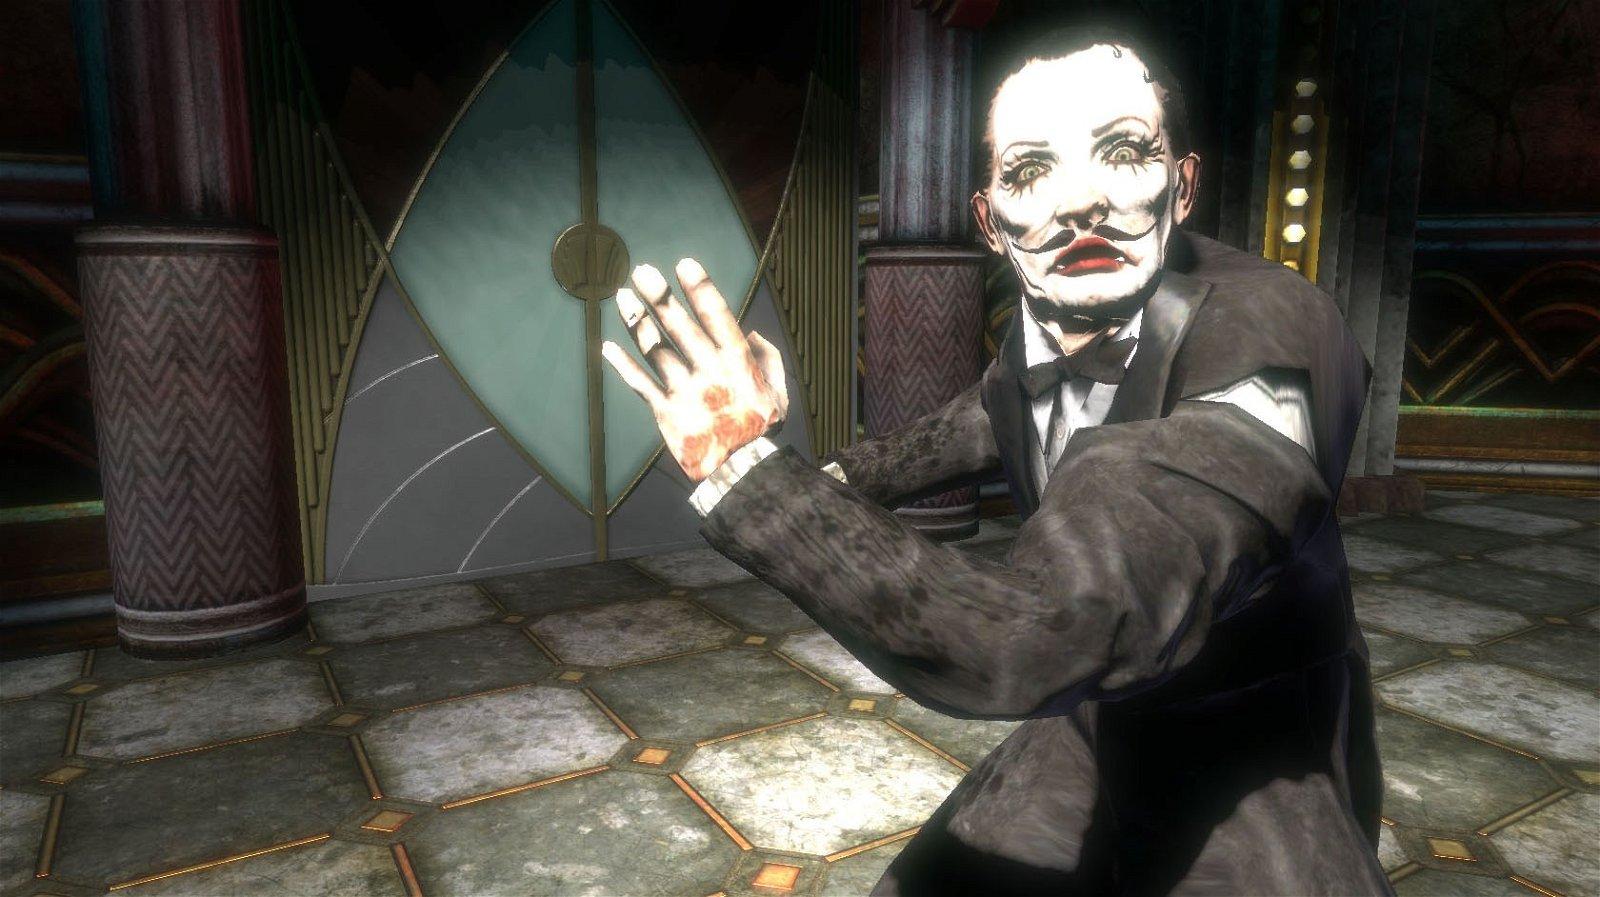 Las escenas más siniestras de los videojuegos